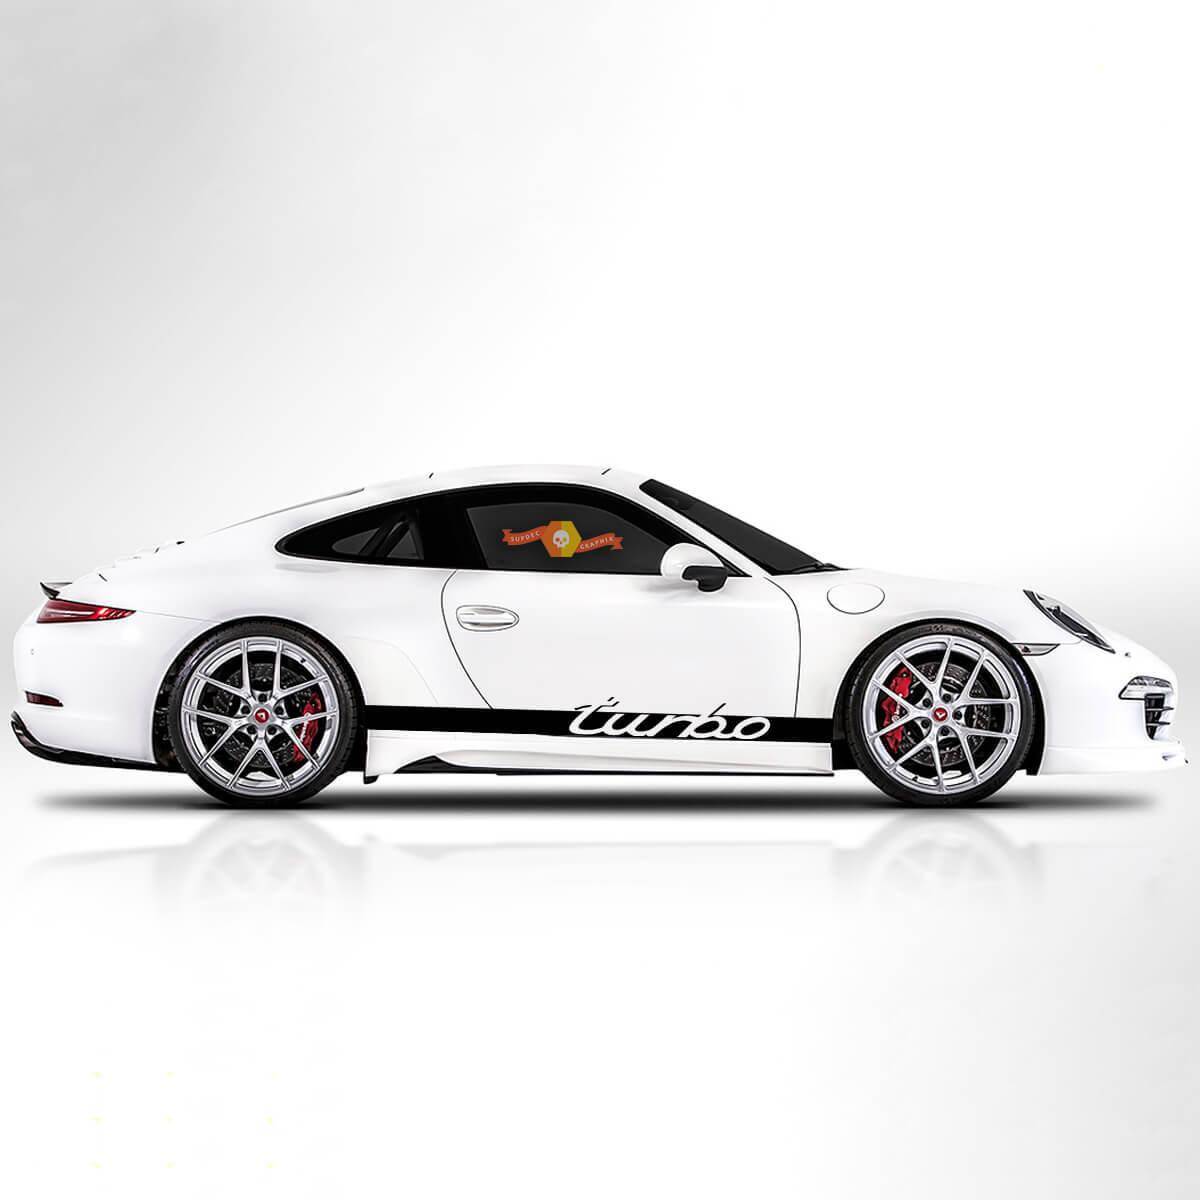 Porsche Rocker Panel Racing Turbo Side Side Stripes Decal Sticker